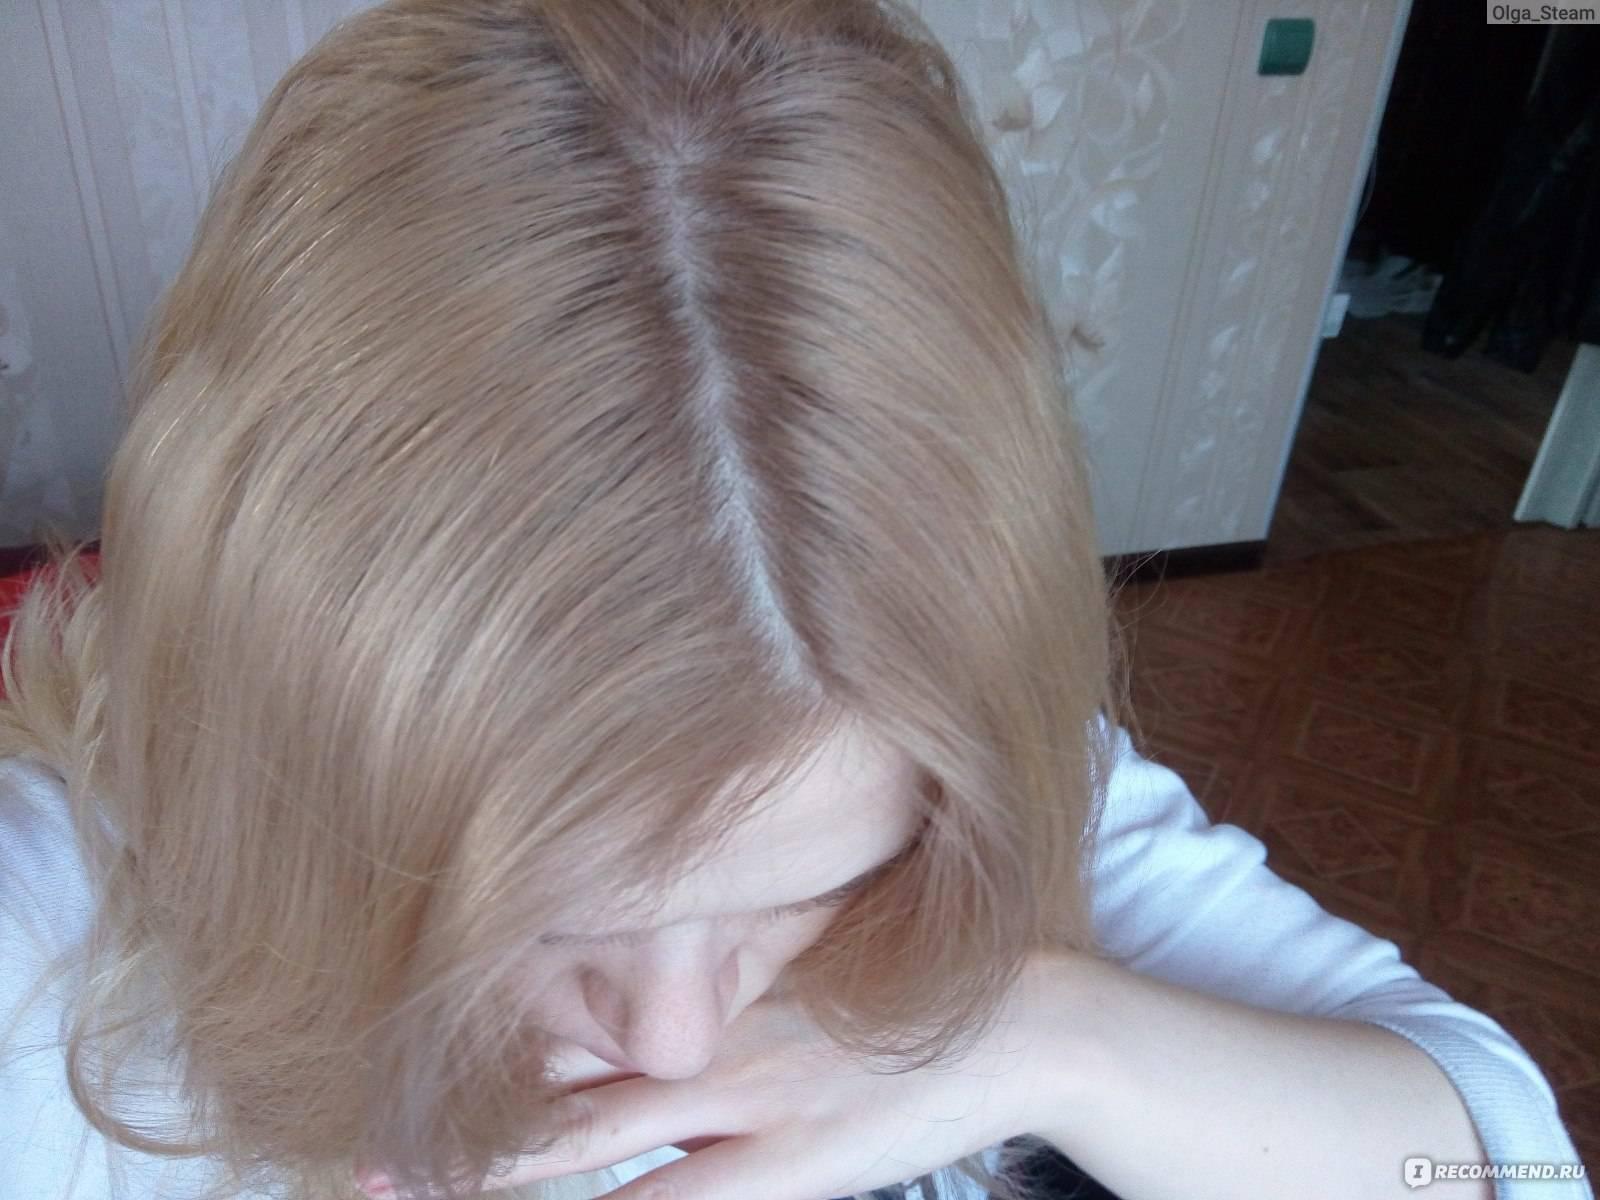 Краска для волос сьес: палитра цветов, фото, профессиональные и непрофессиональные линейки средств для окрашивания